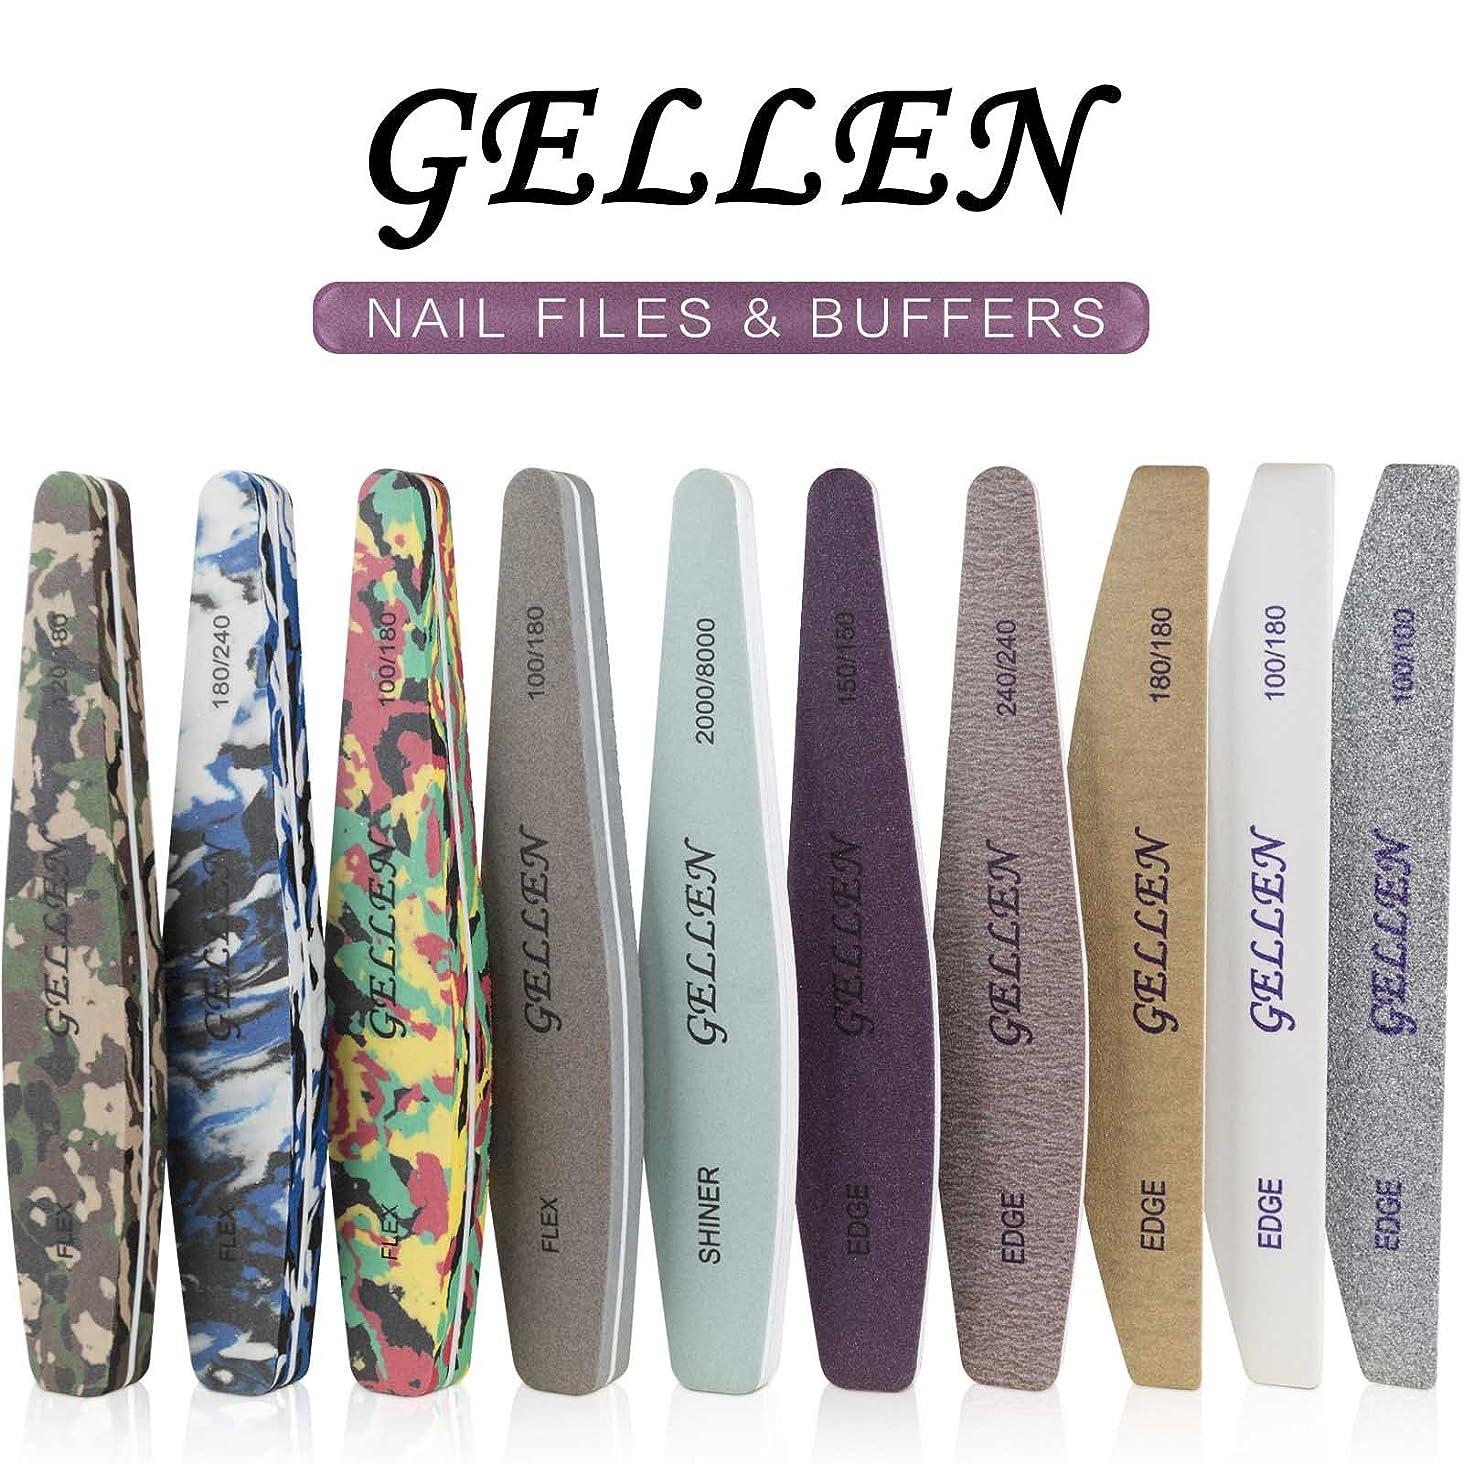 自我休日松の木Gellen 爪やすり 爪磨き ネイルケアセット ネイルファイル ネイルバッファー エメリーボード8種類計10本セット